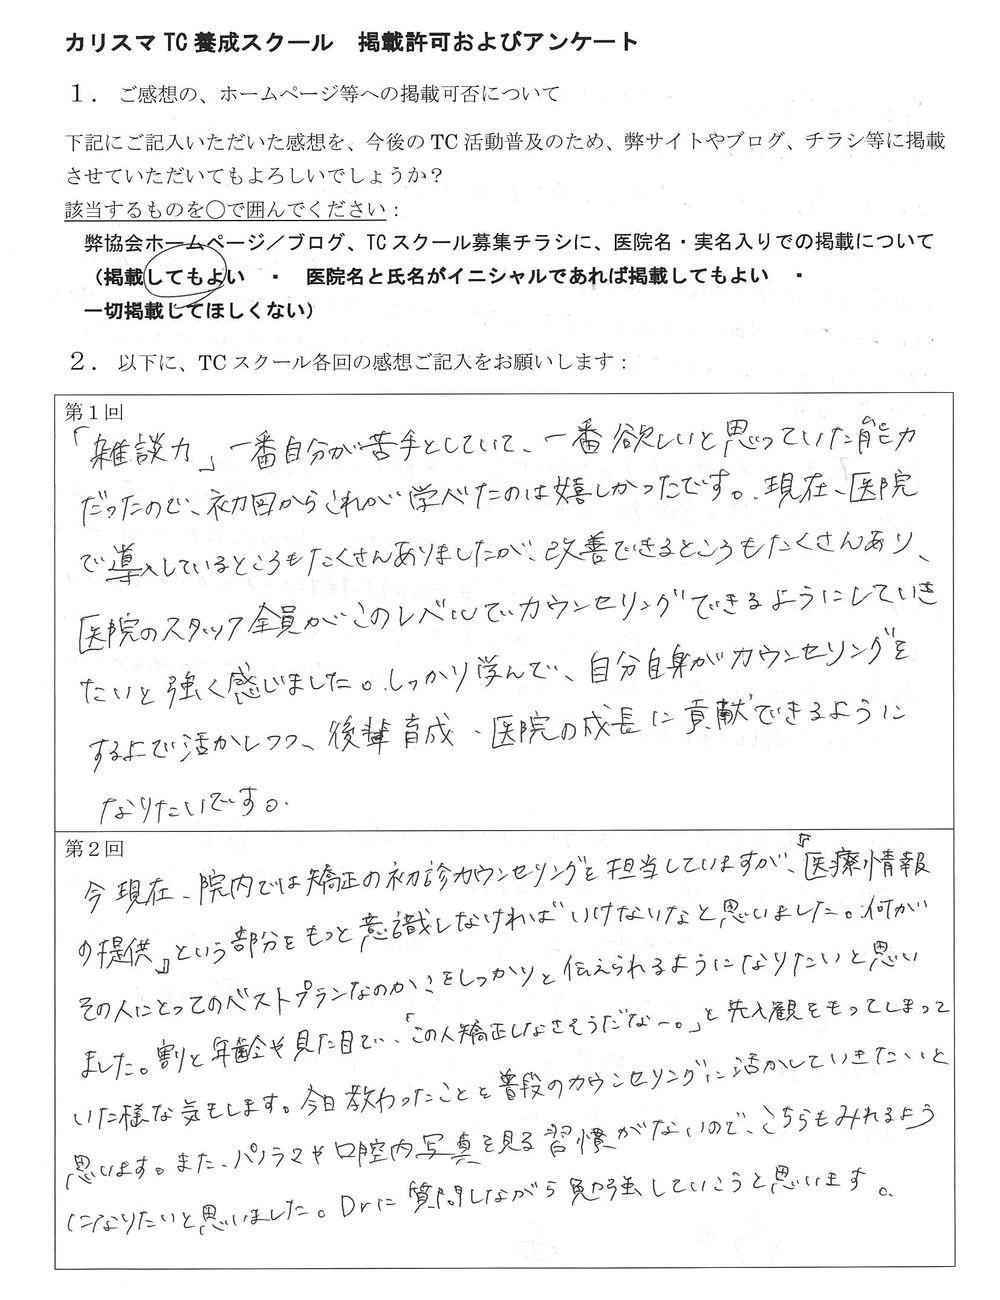 高井 茜様アンケート